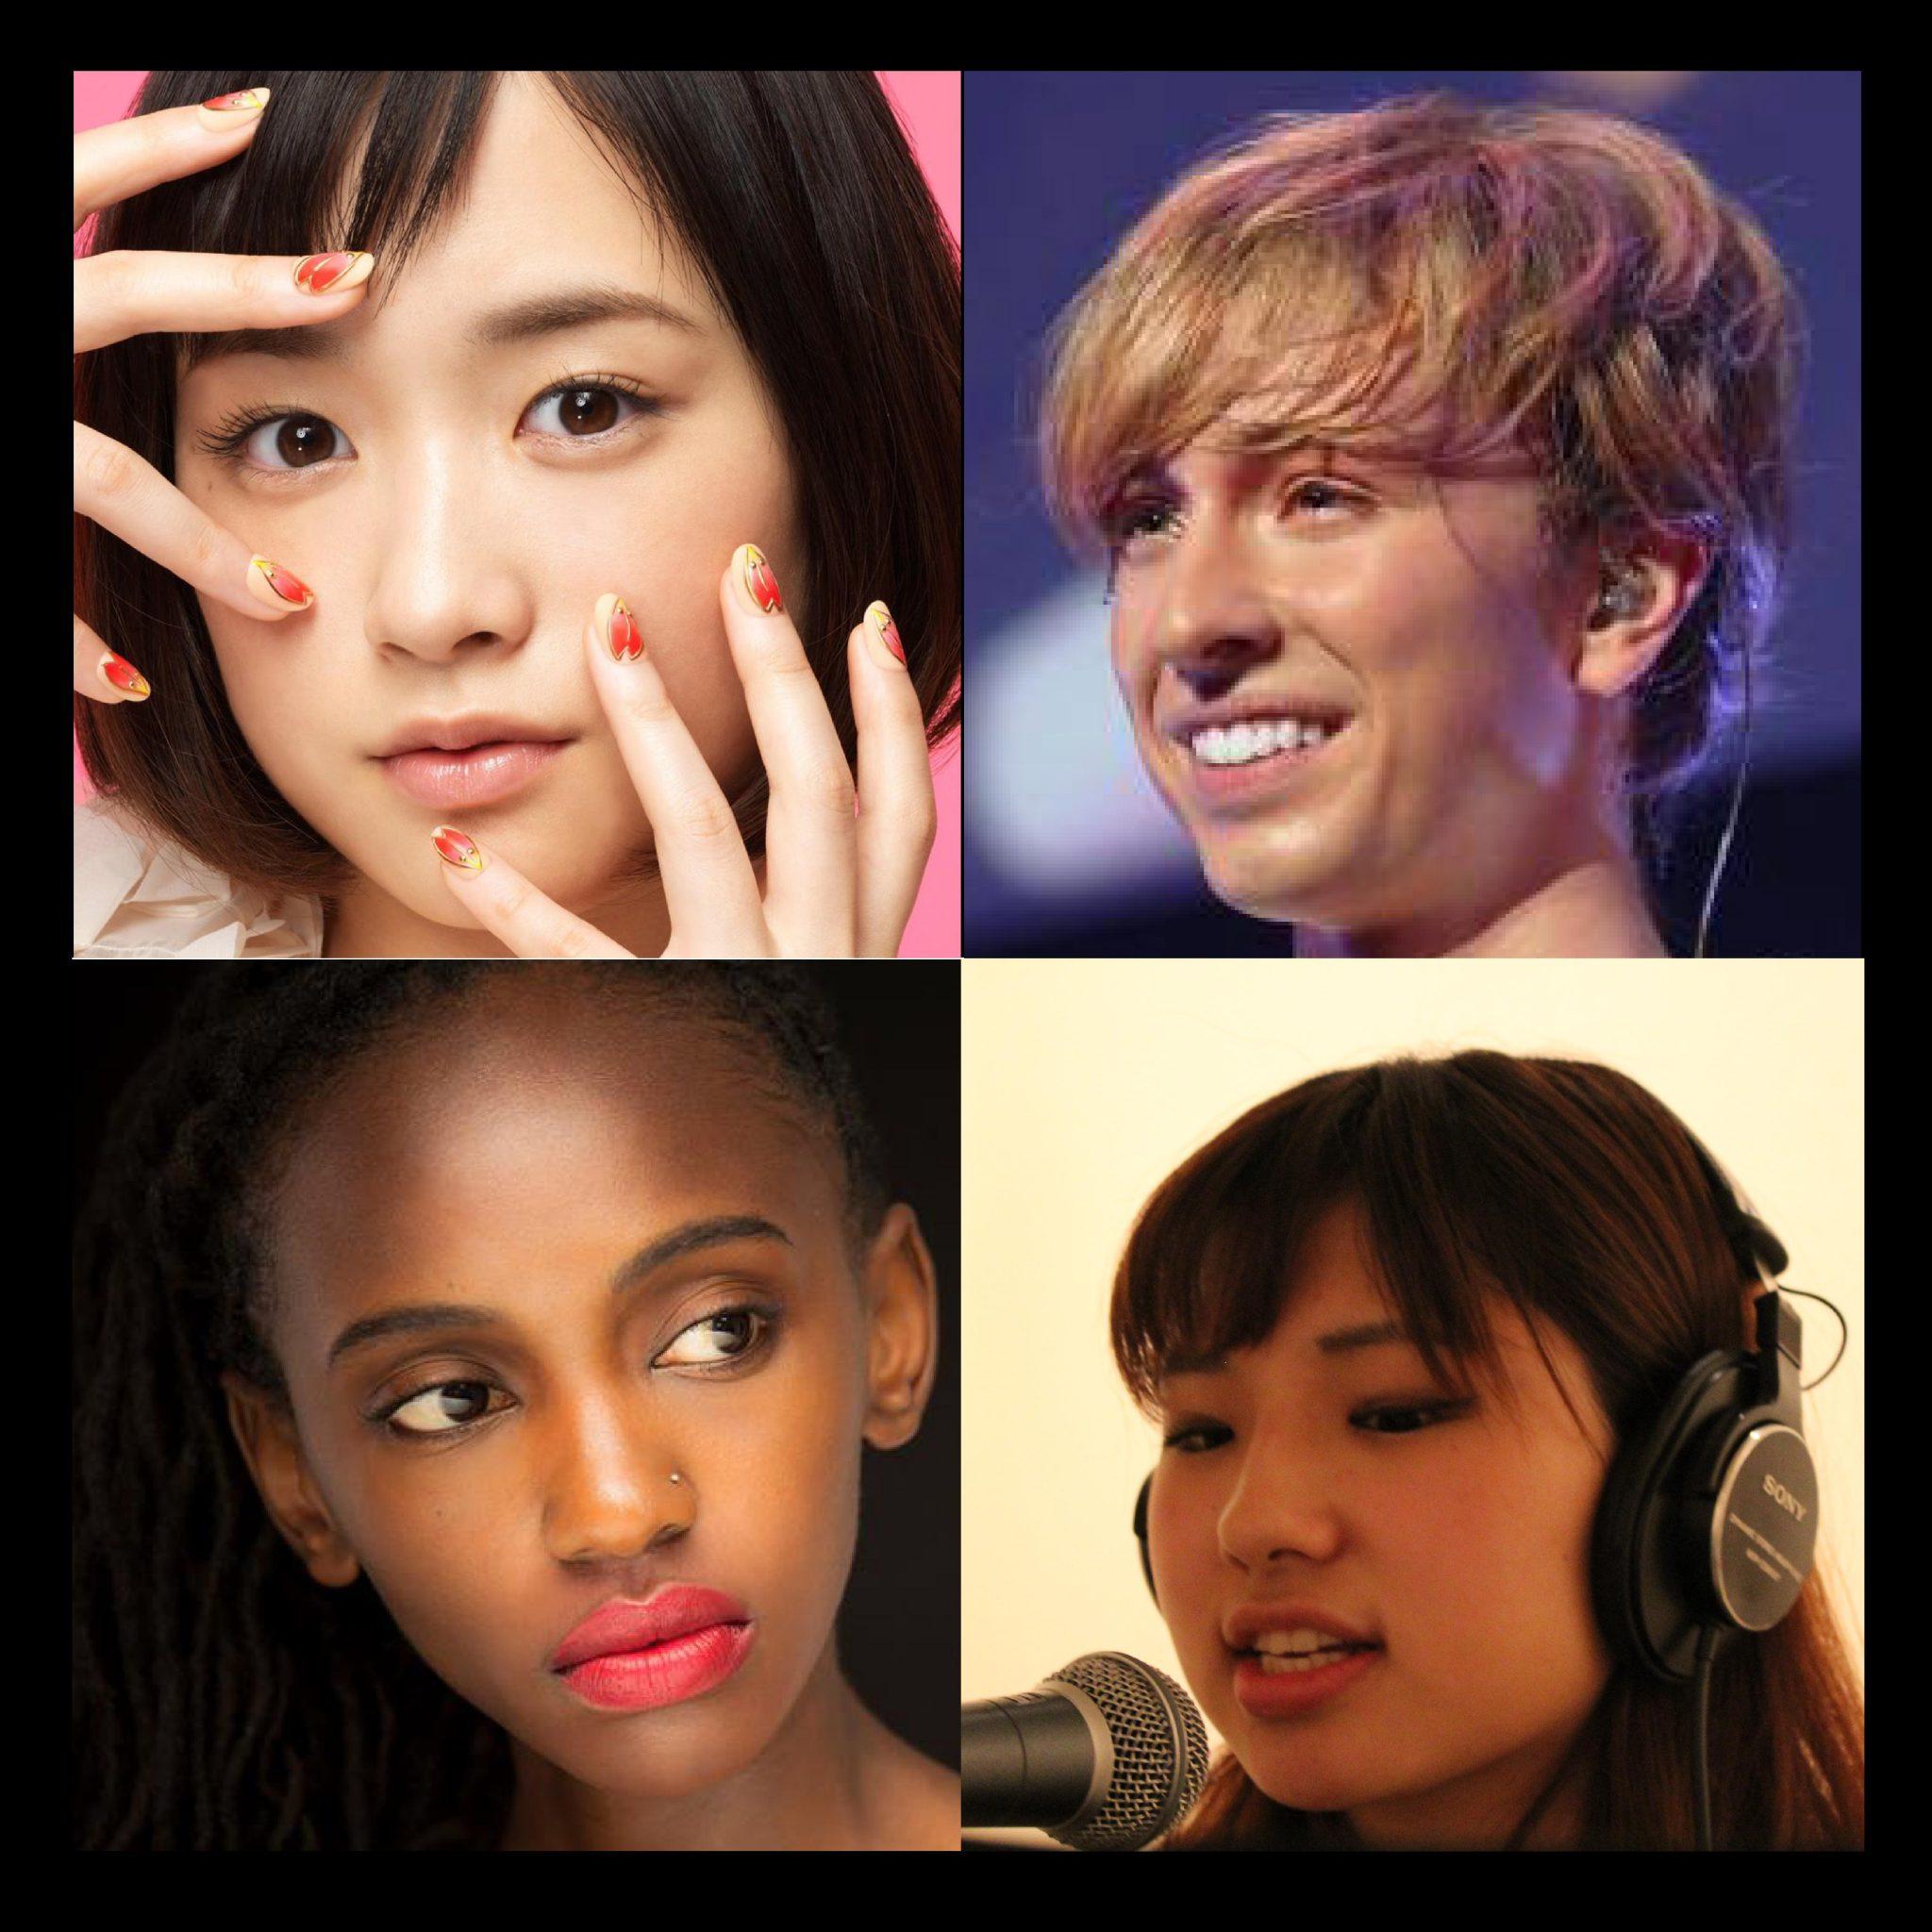 東京のボイストレーニングスクールM&N Bit Of Soundの生徒達の顔写真